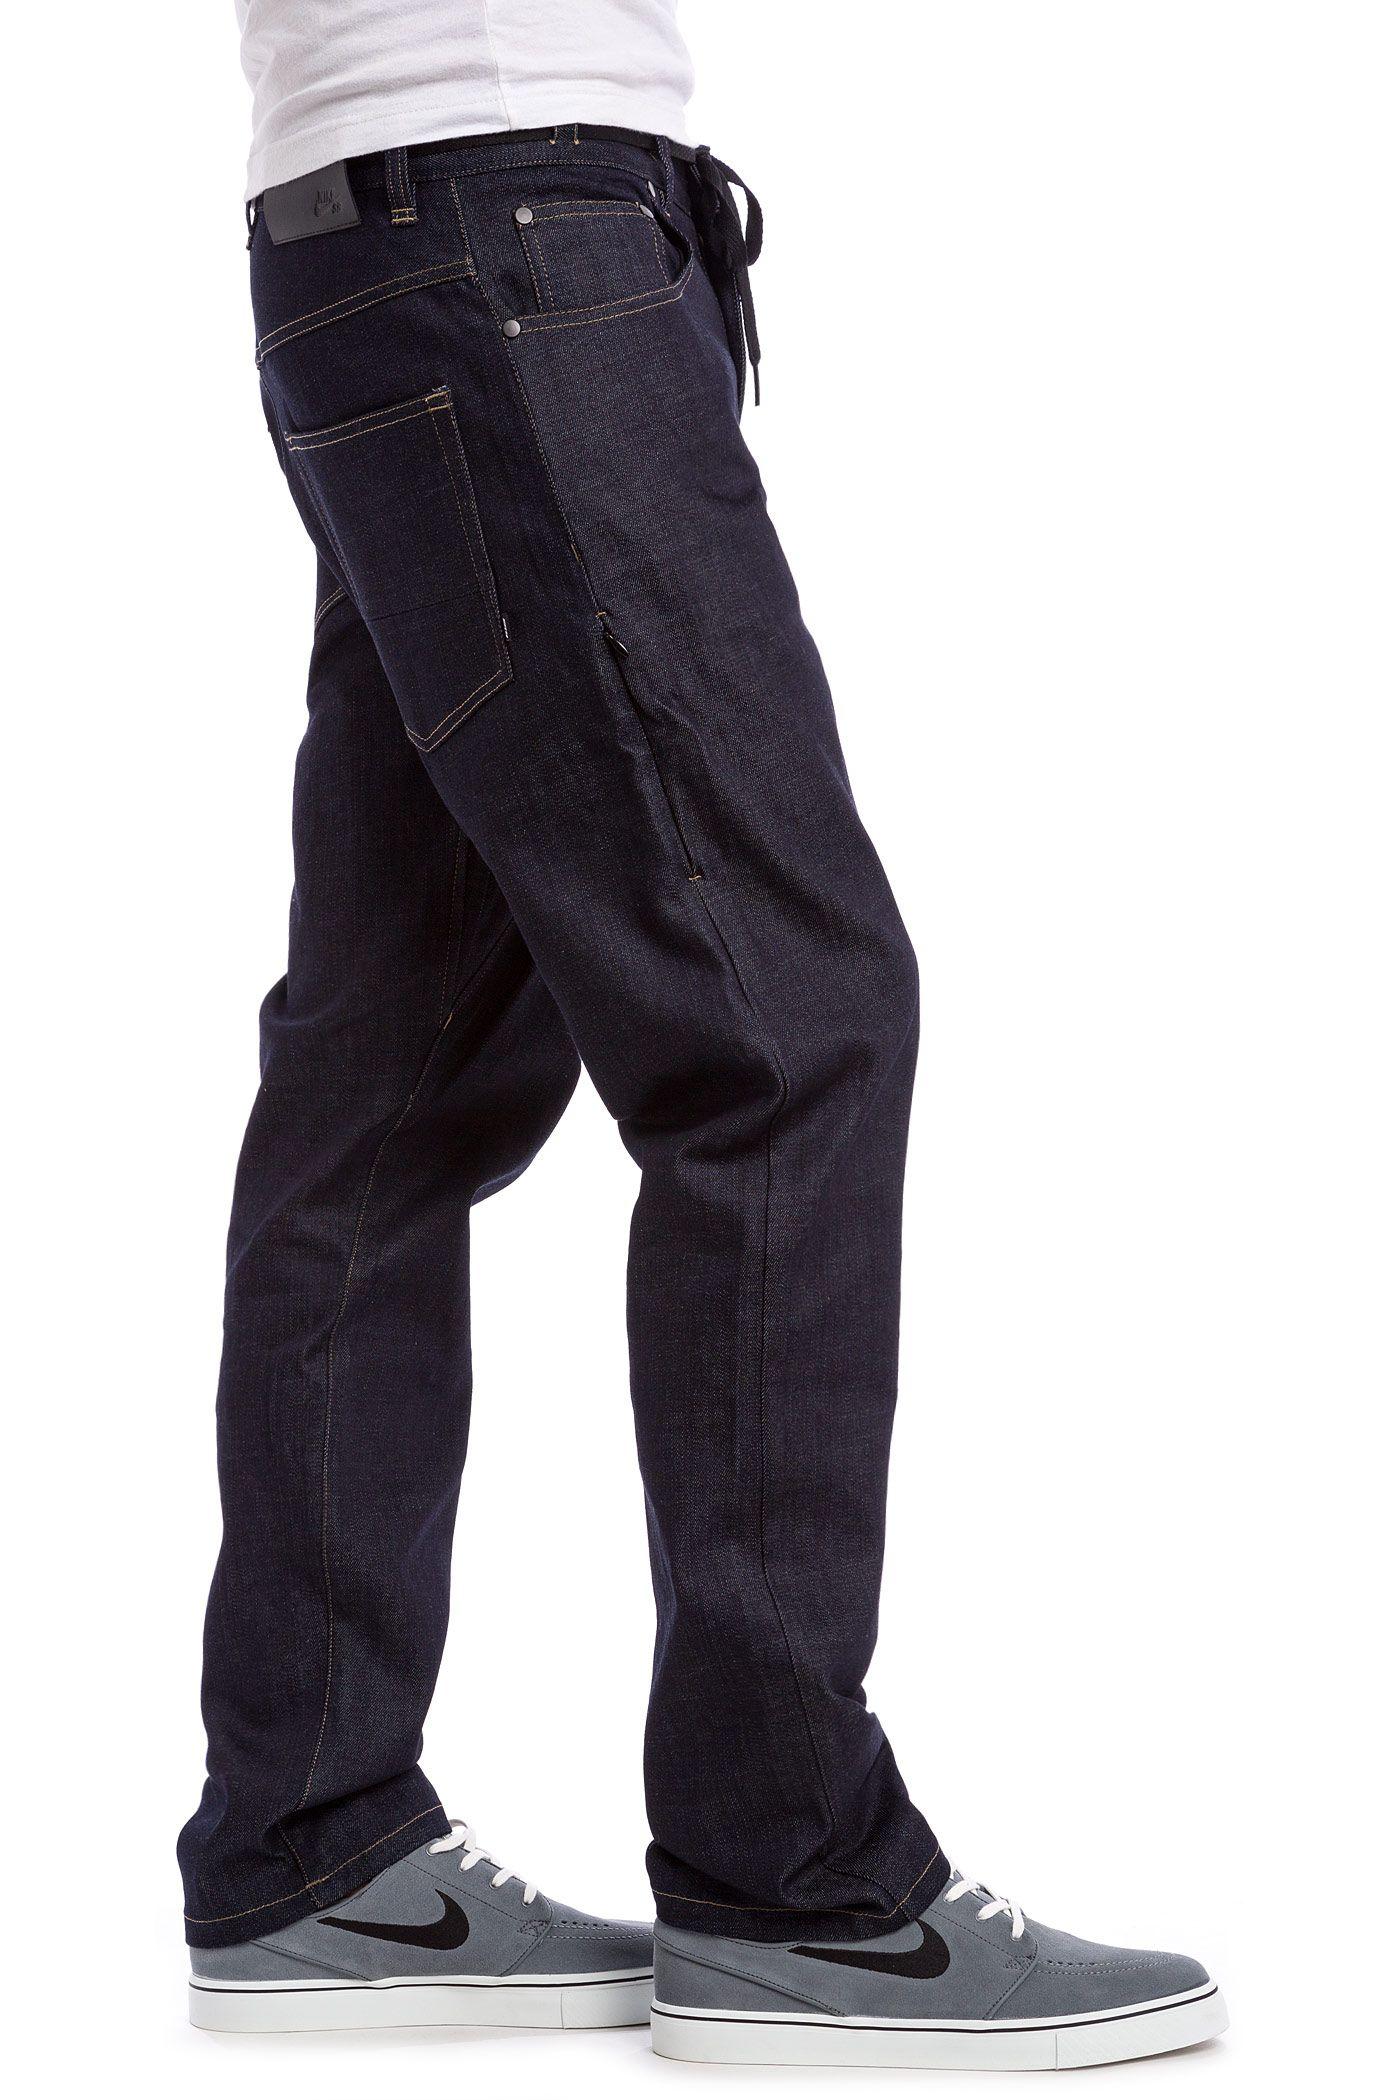 Nike SB FTM 5-Pocket Men's